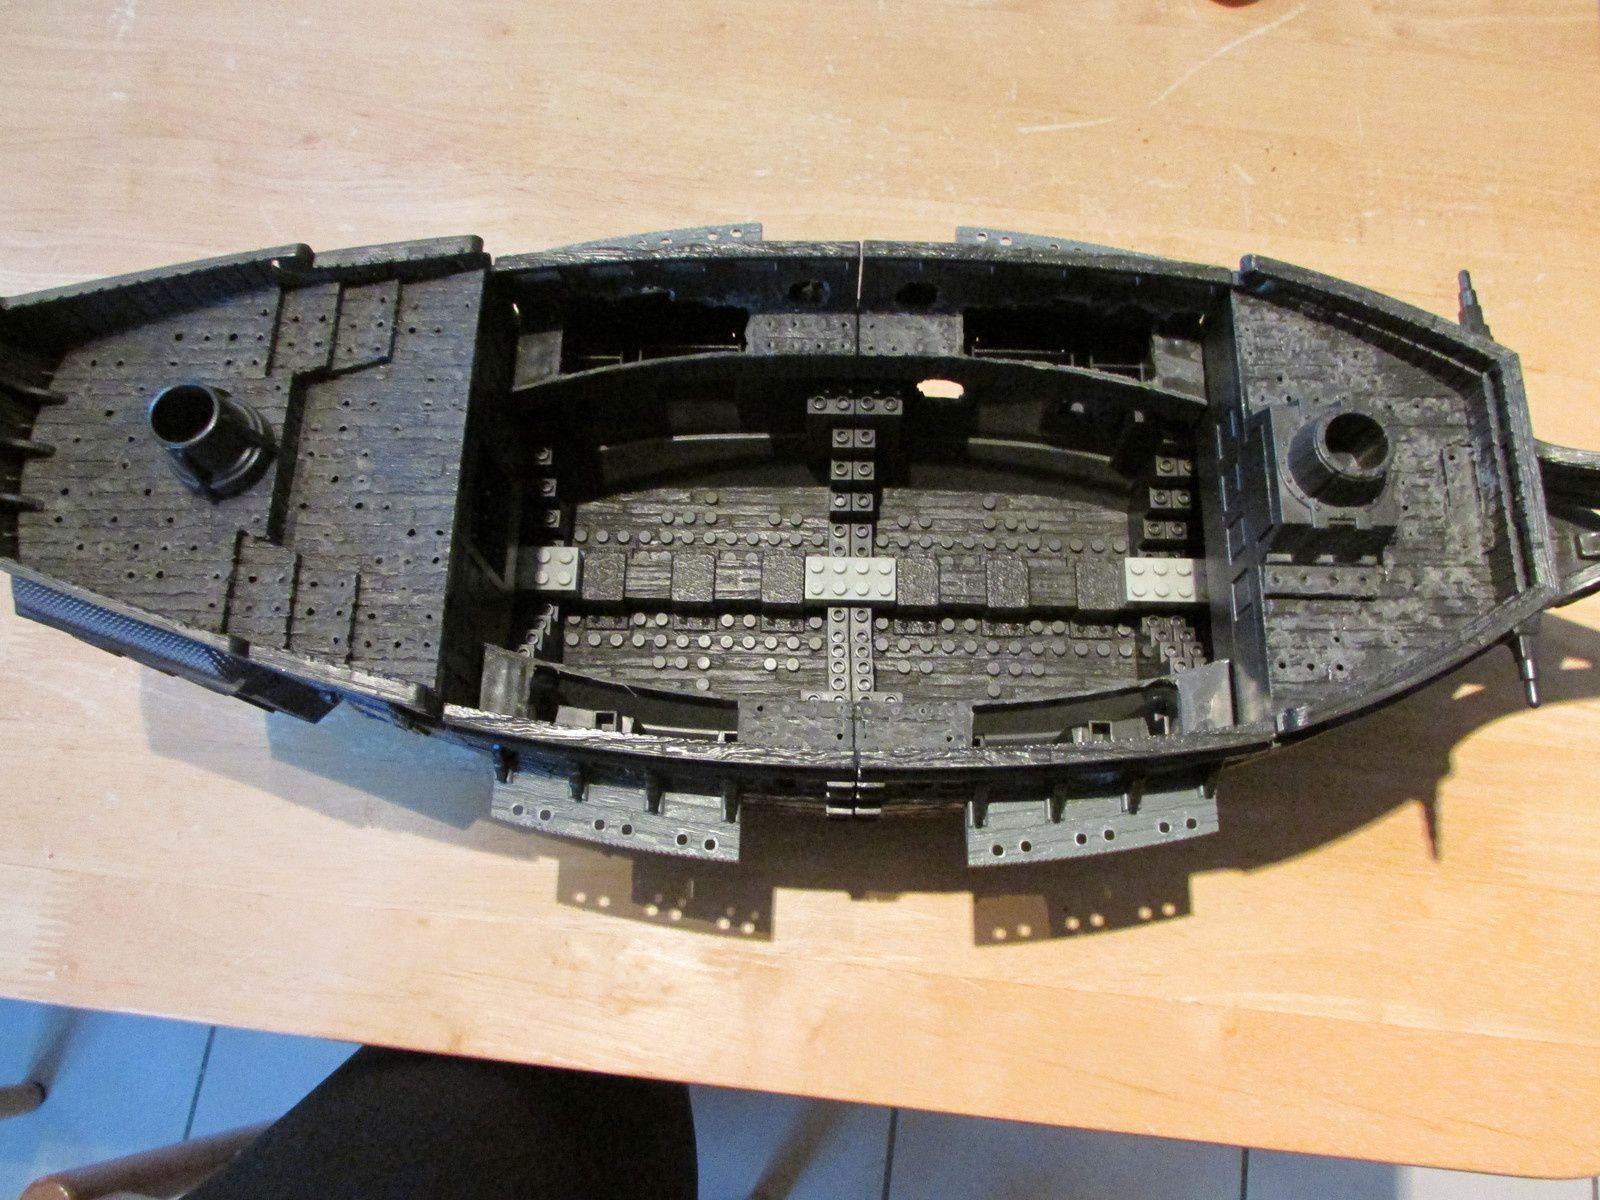 """Le bateau mega blocks ou il faut retirer toutes les """"attaches lego"""" pour obtenir une surface lisse et pouvoir y coller le carton plume. La partie la plus délicate reste à faire des petits trous sur les côtés pour y poser des sabords et y installer les futurs canons"""